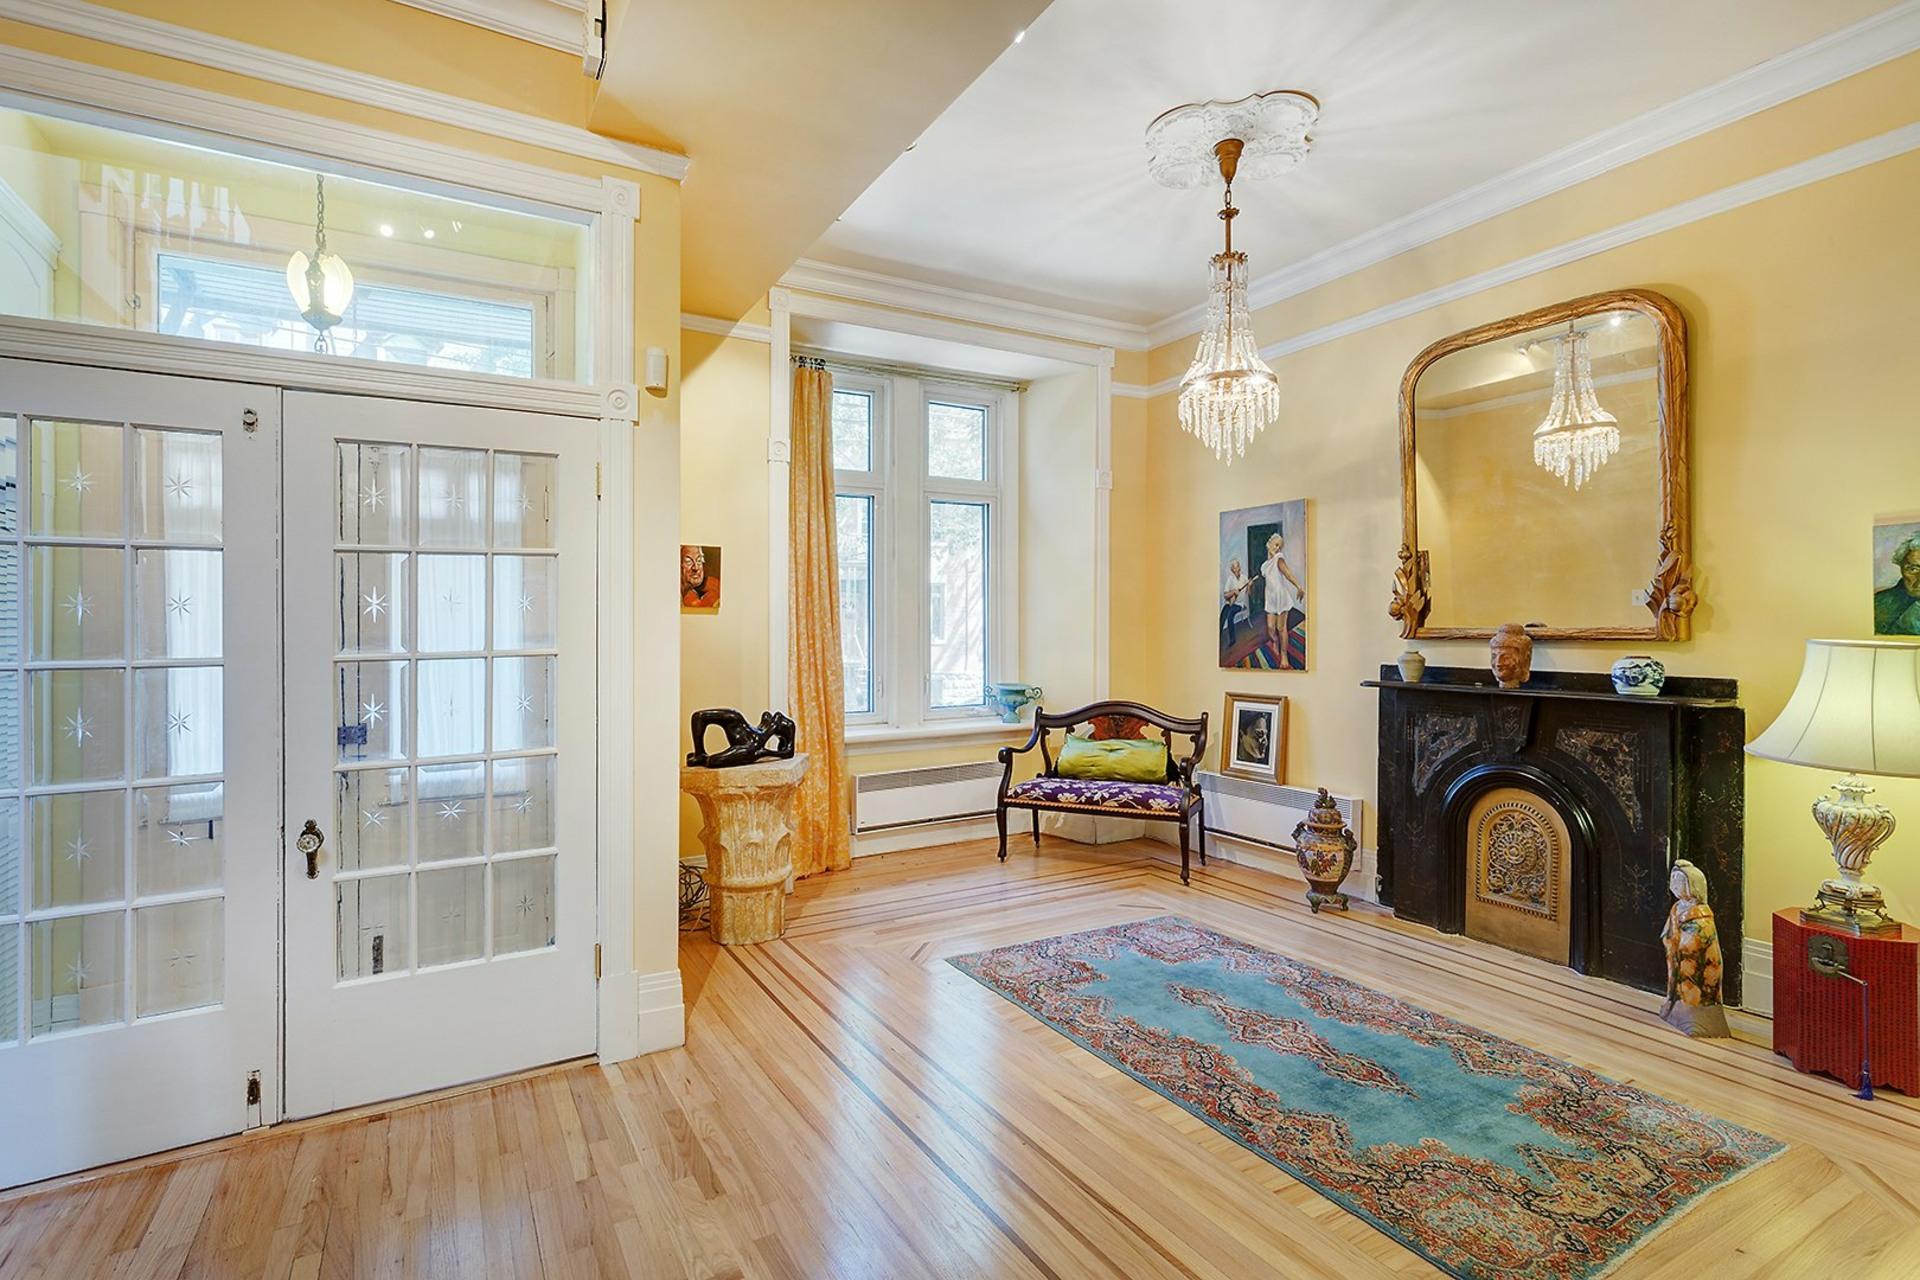 image 3 - Maison À vendre Le Plateau-Mont-Royal Montréal  - 14 pièces